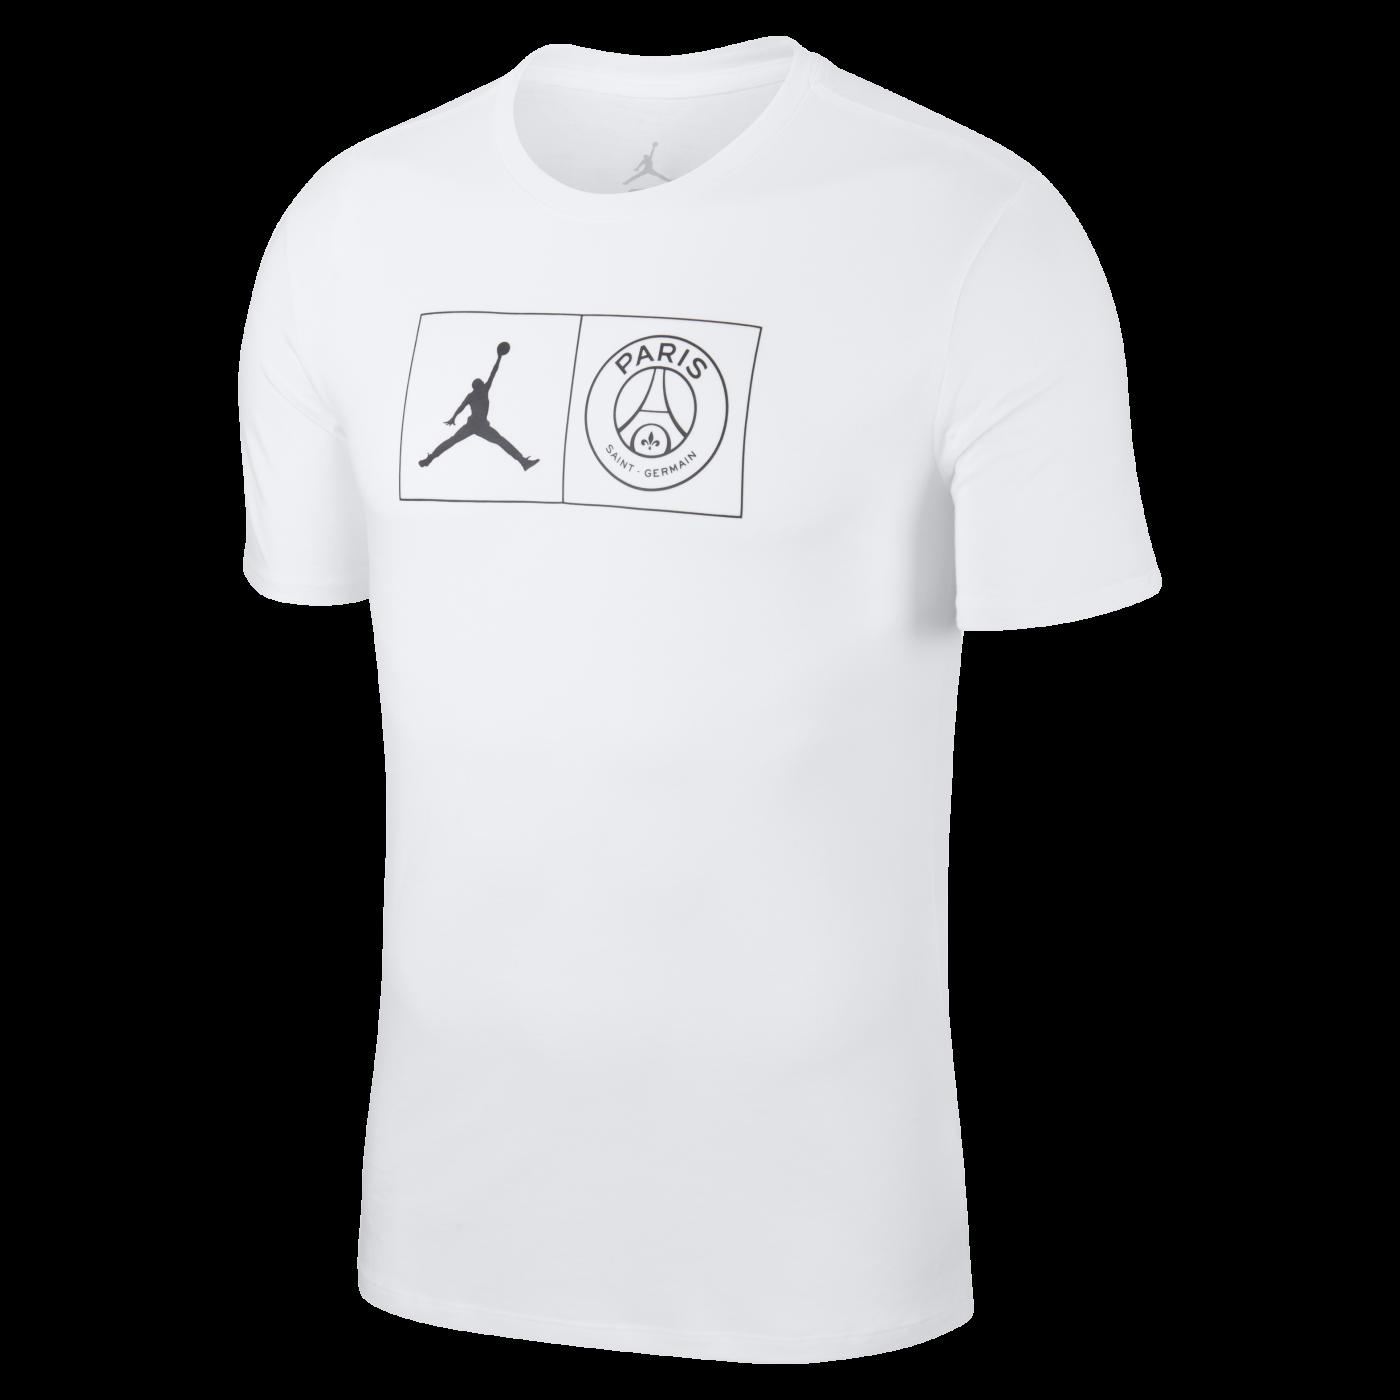 tee-shirt-psg-jordan-2019-1